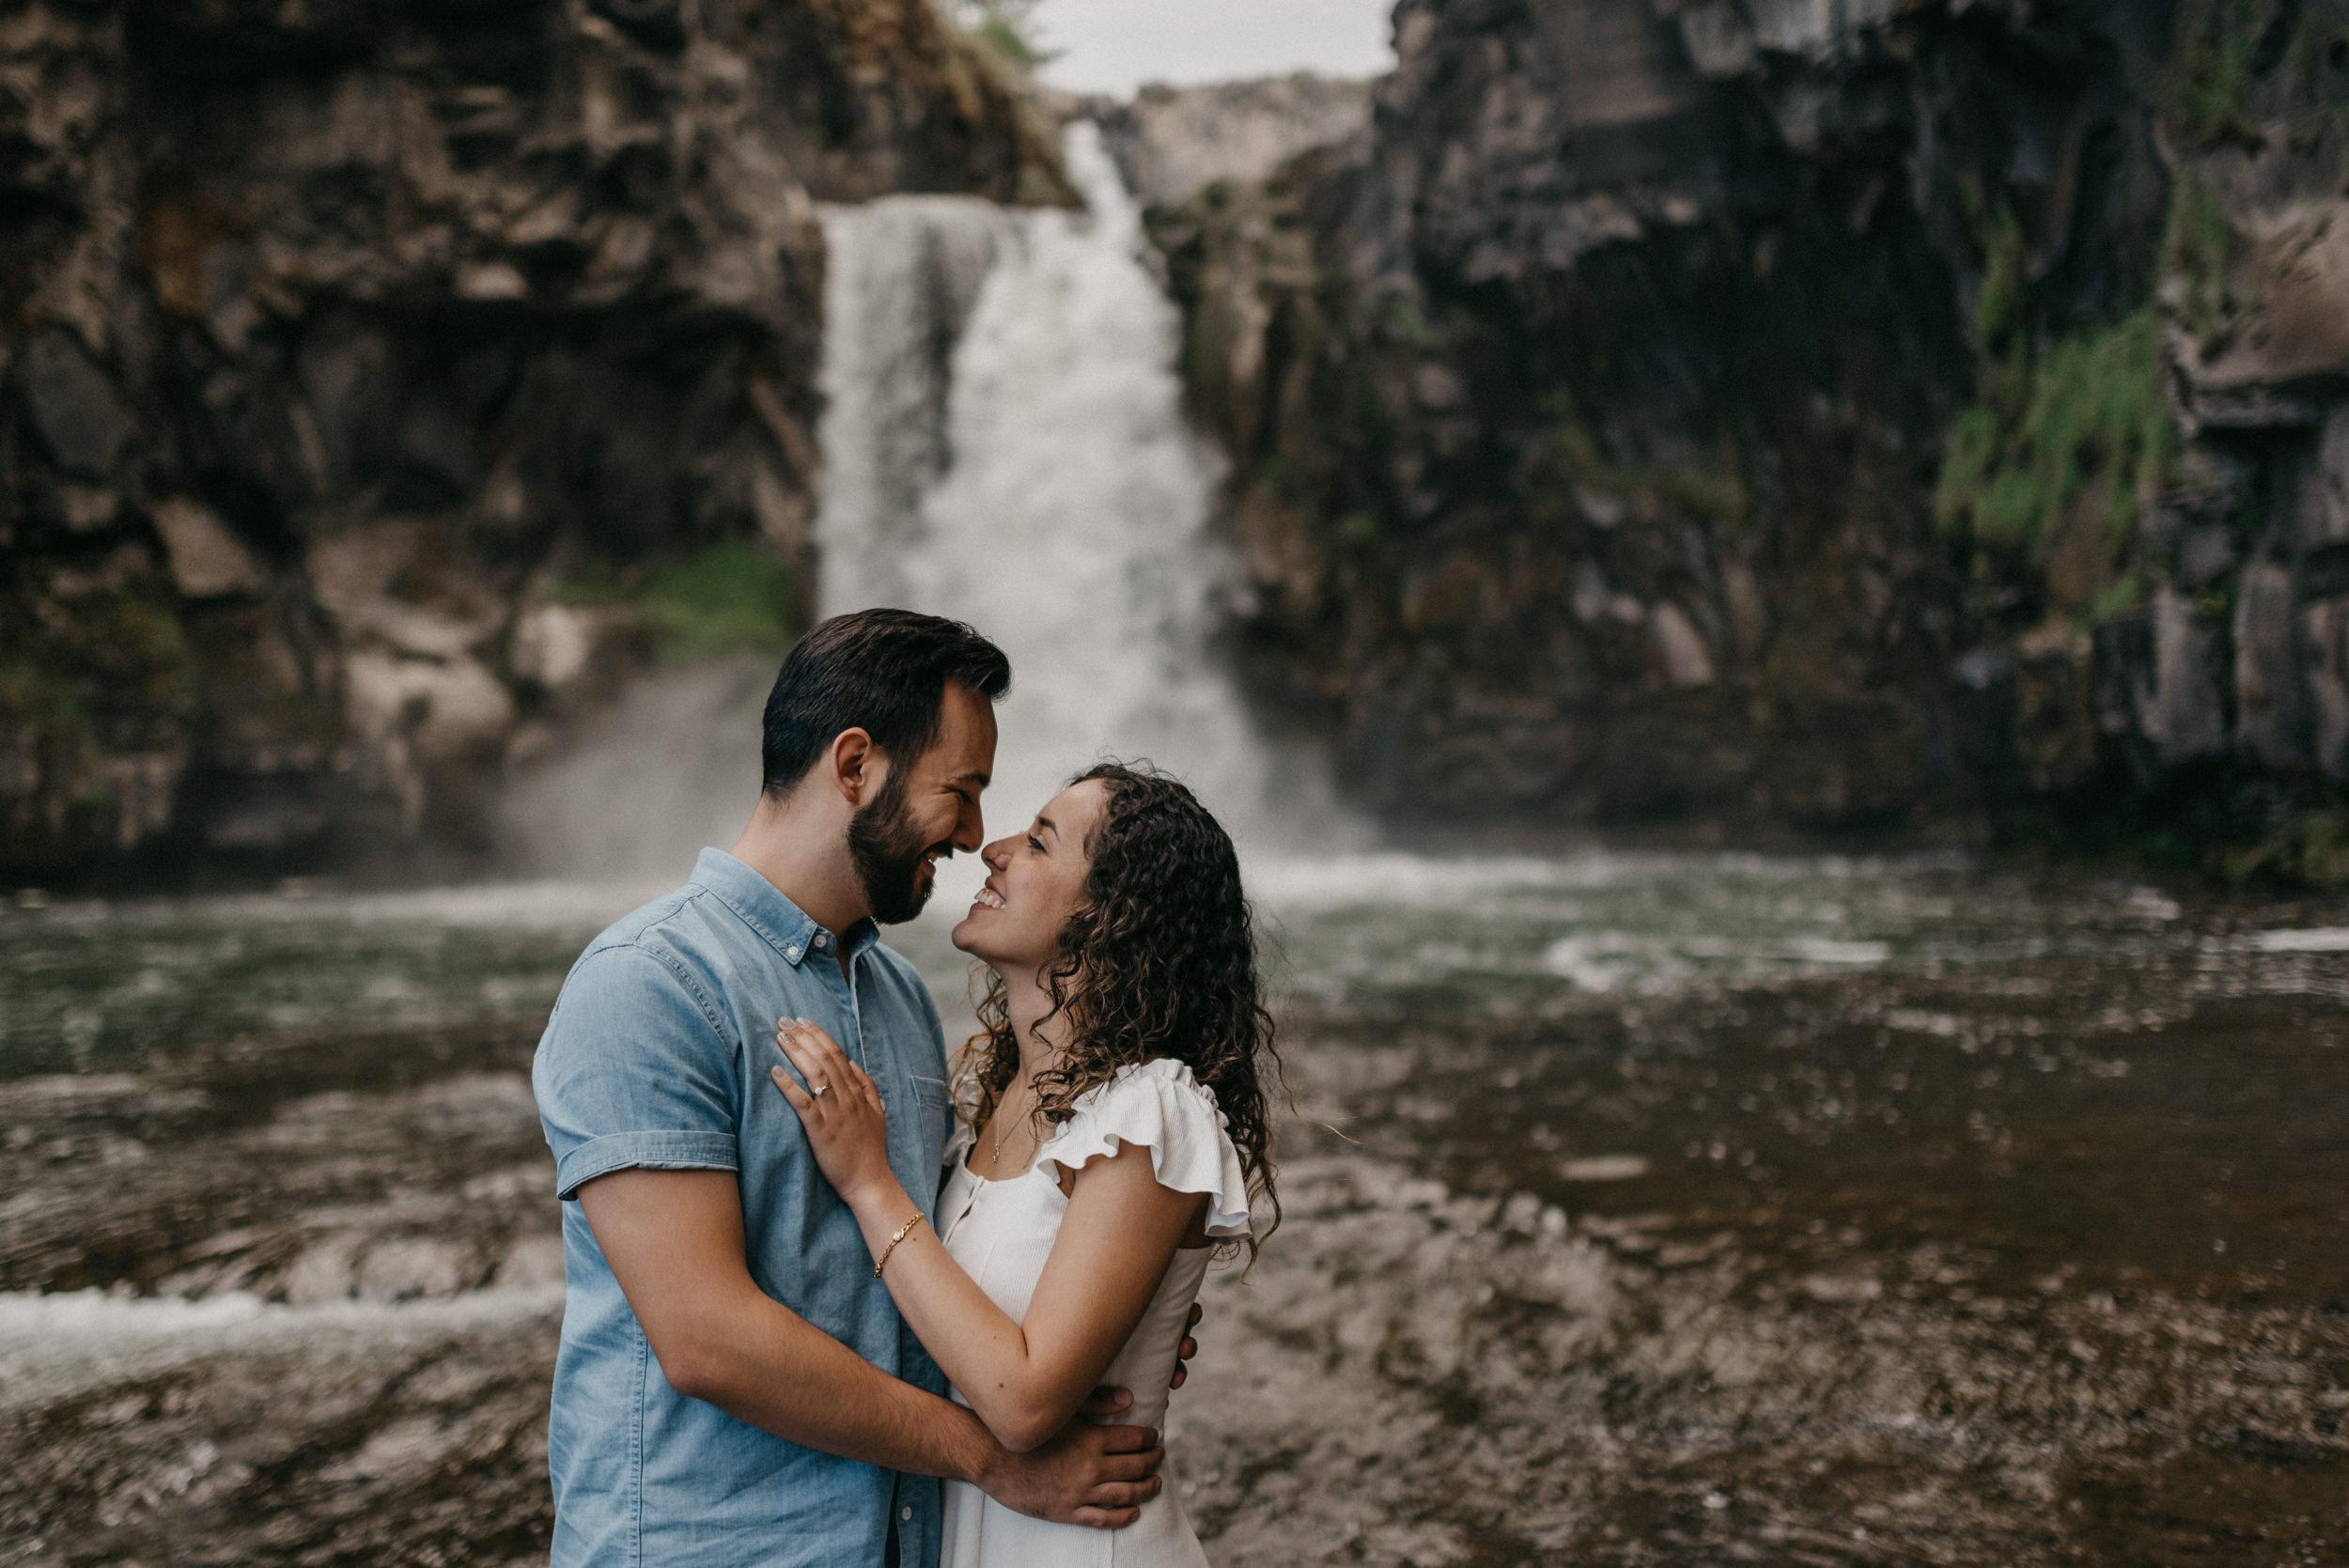 37-White-river-falls-state-park-engagement-5872.jpg